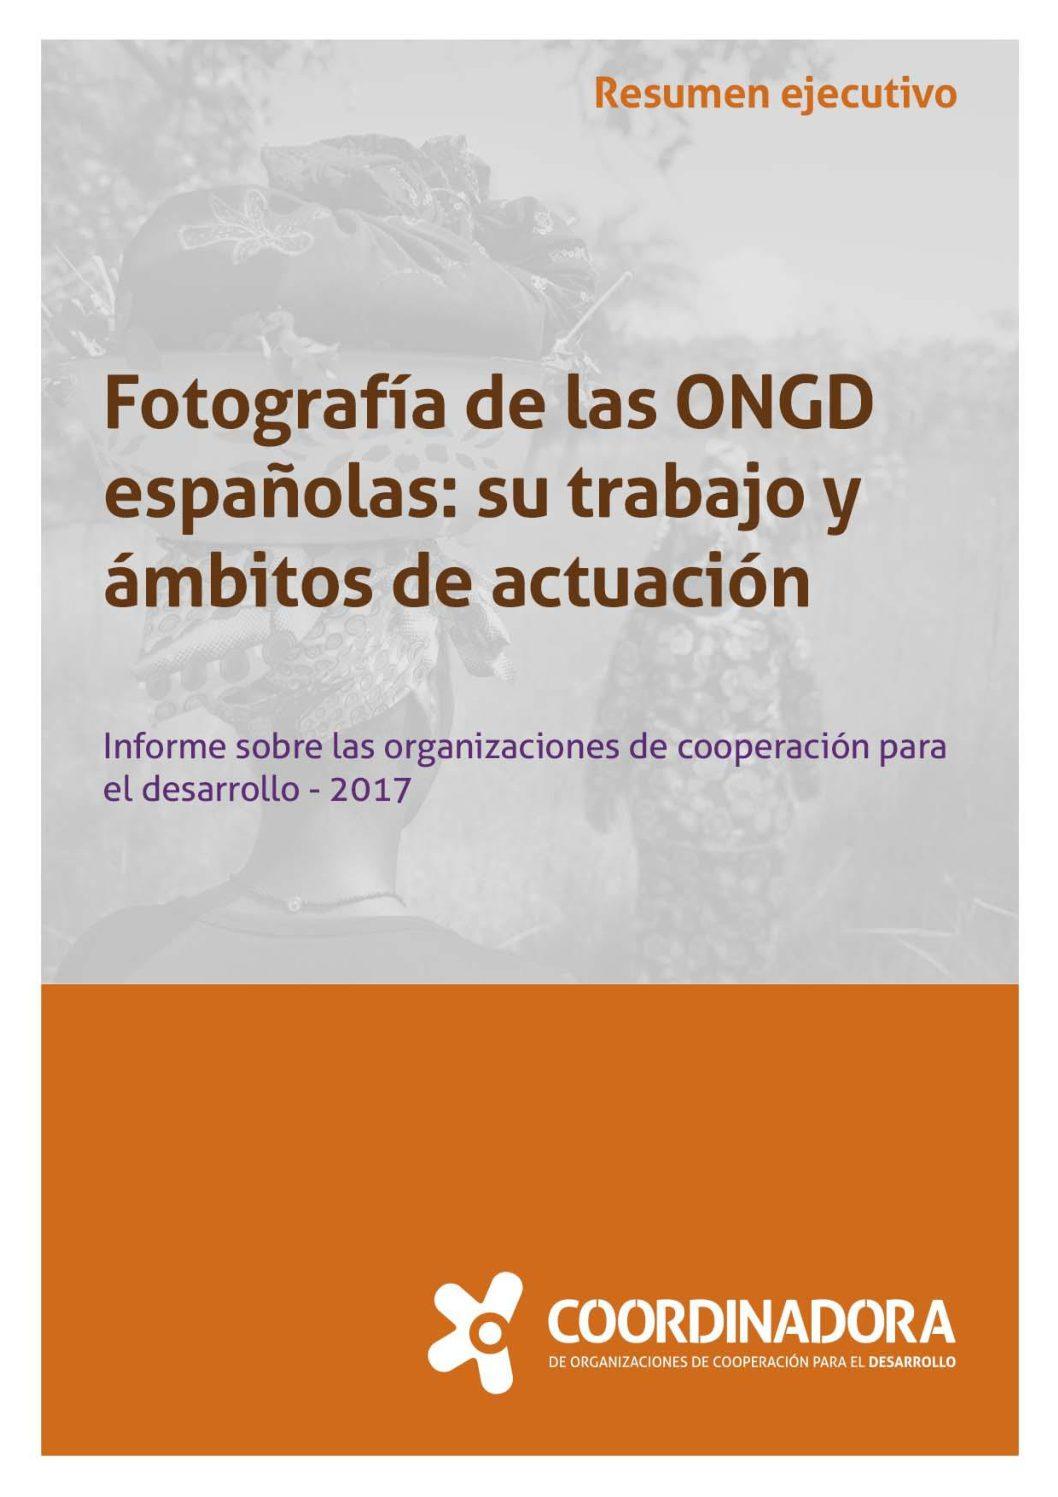 Fotografía de las ONGD españolas: su trabajo y ámbitos de actuación